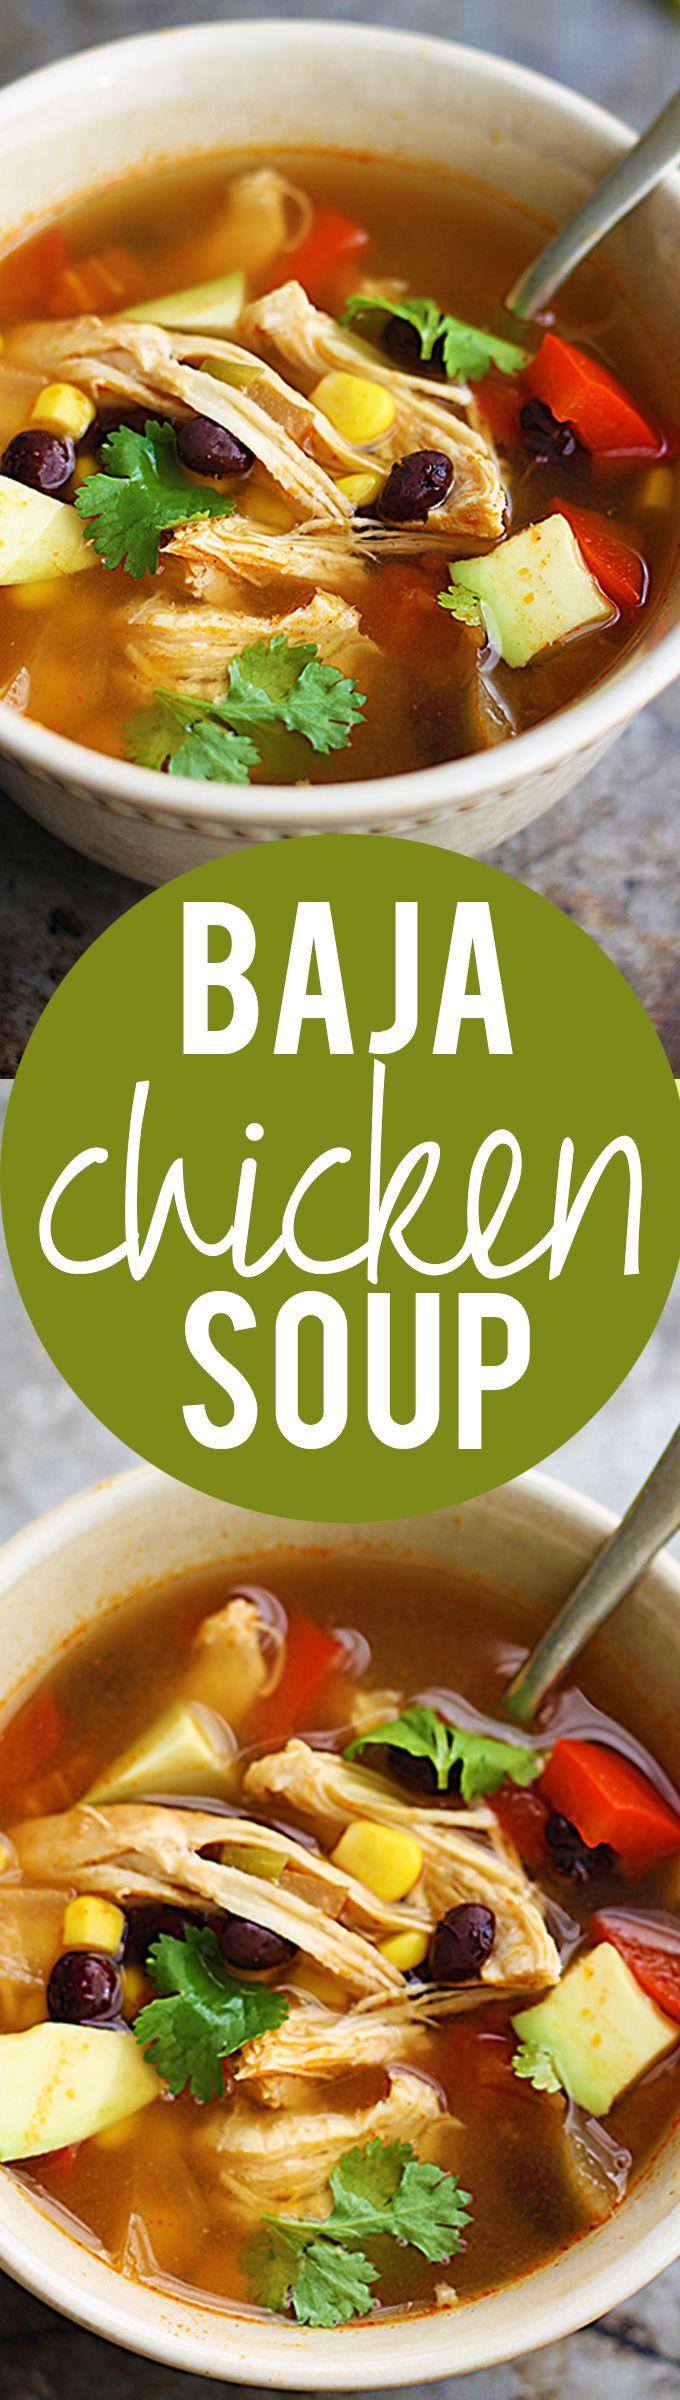 Baja Chicken Soup | Creme de la Crumb